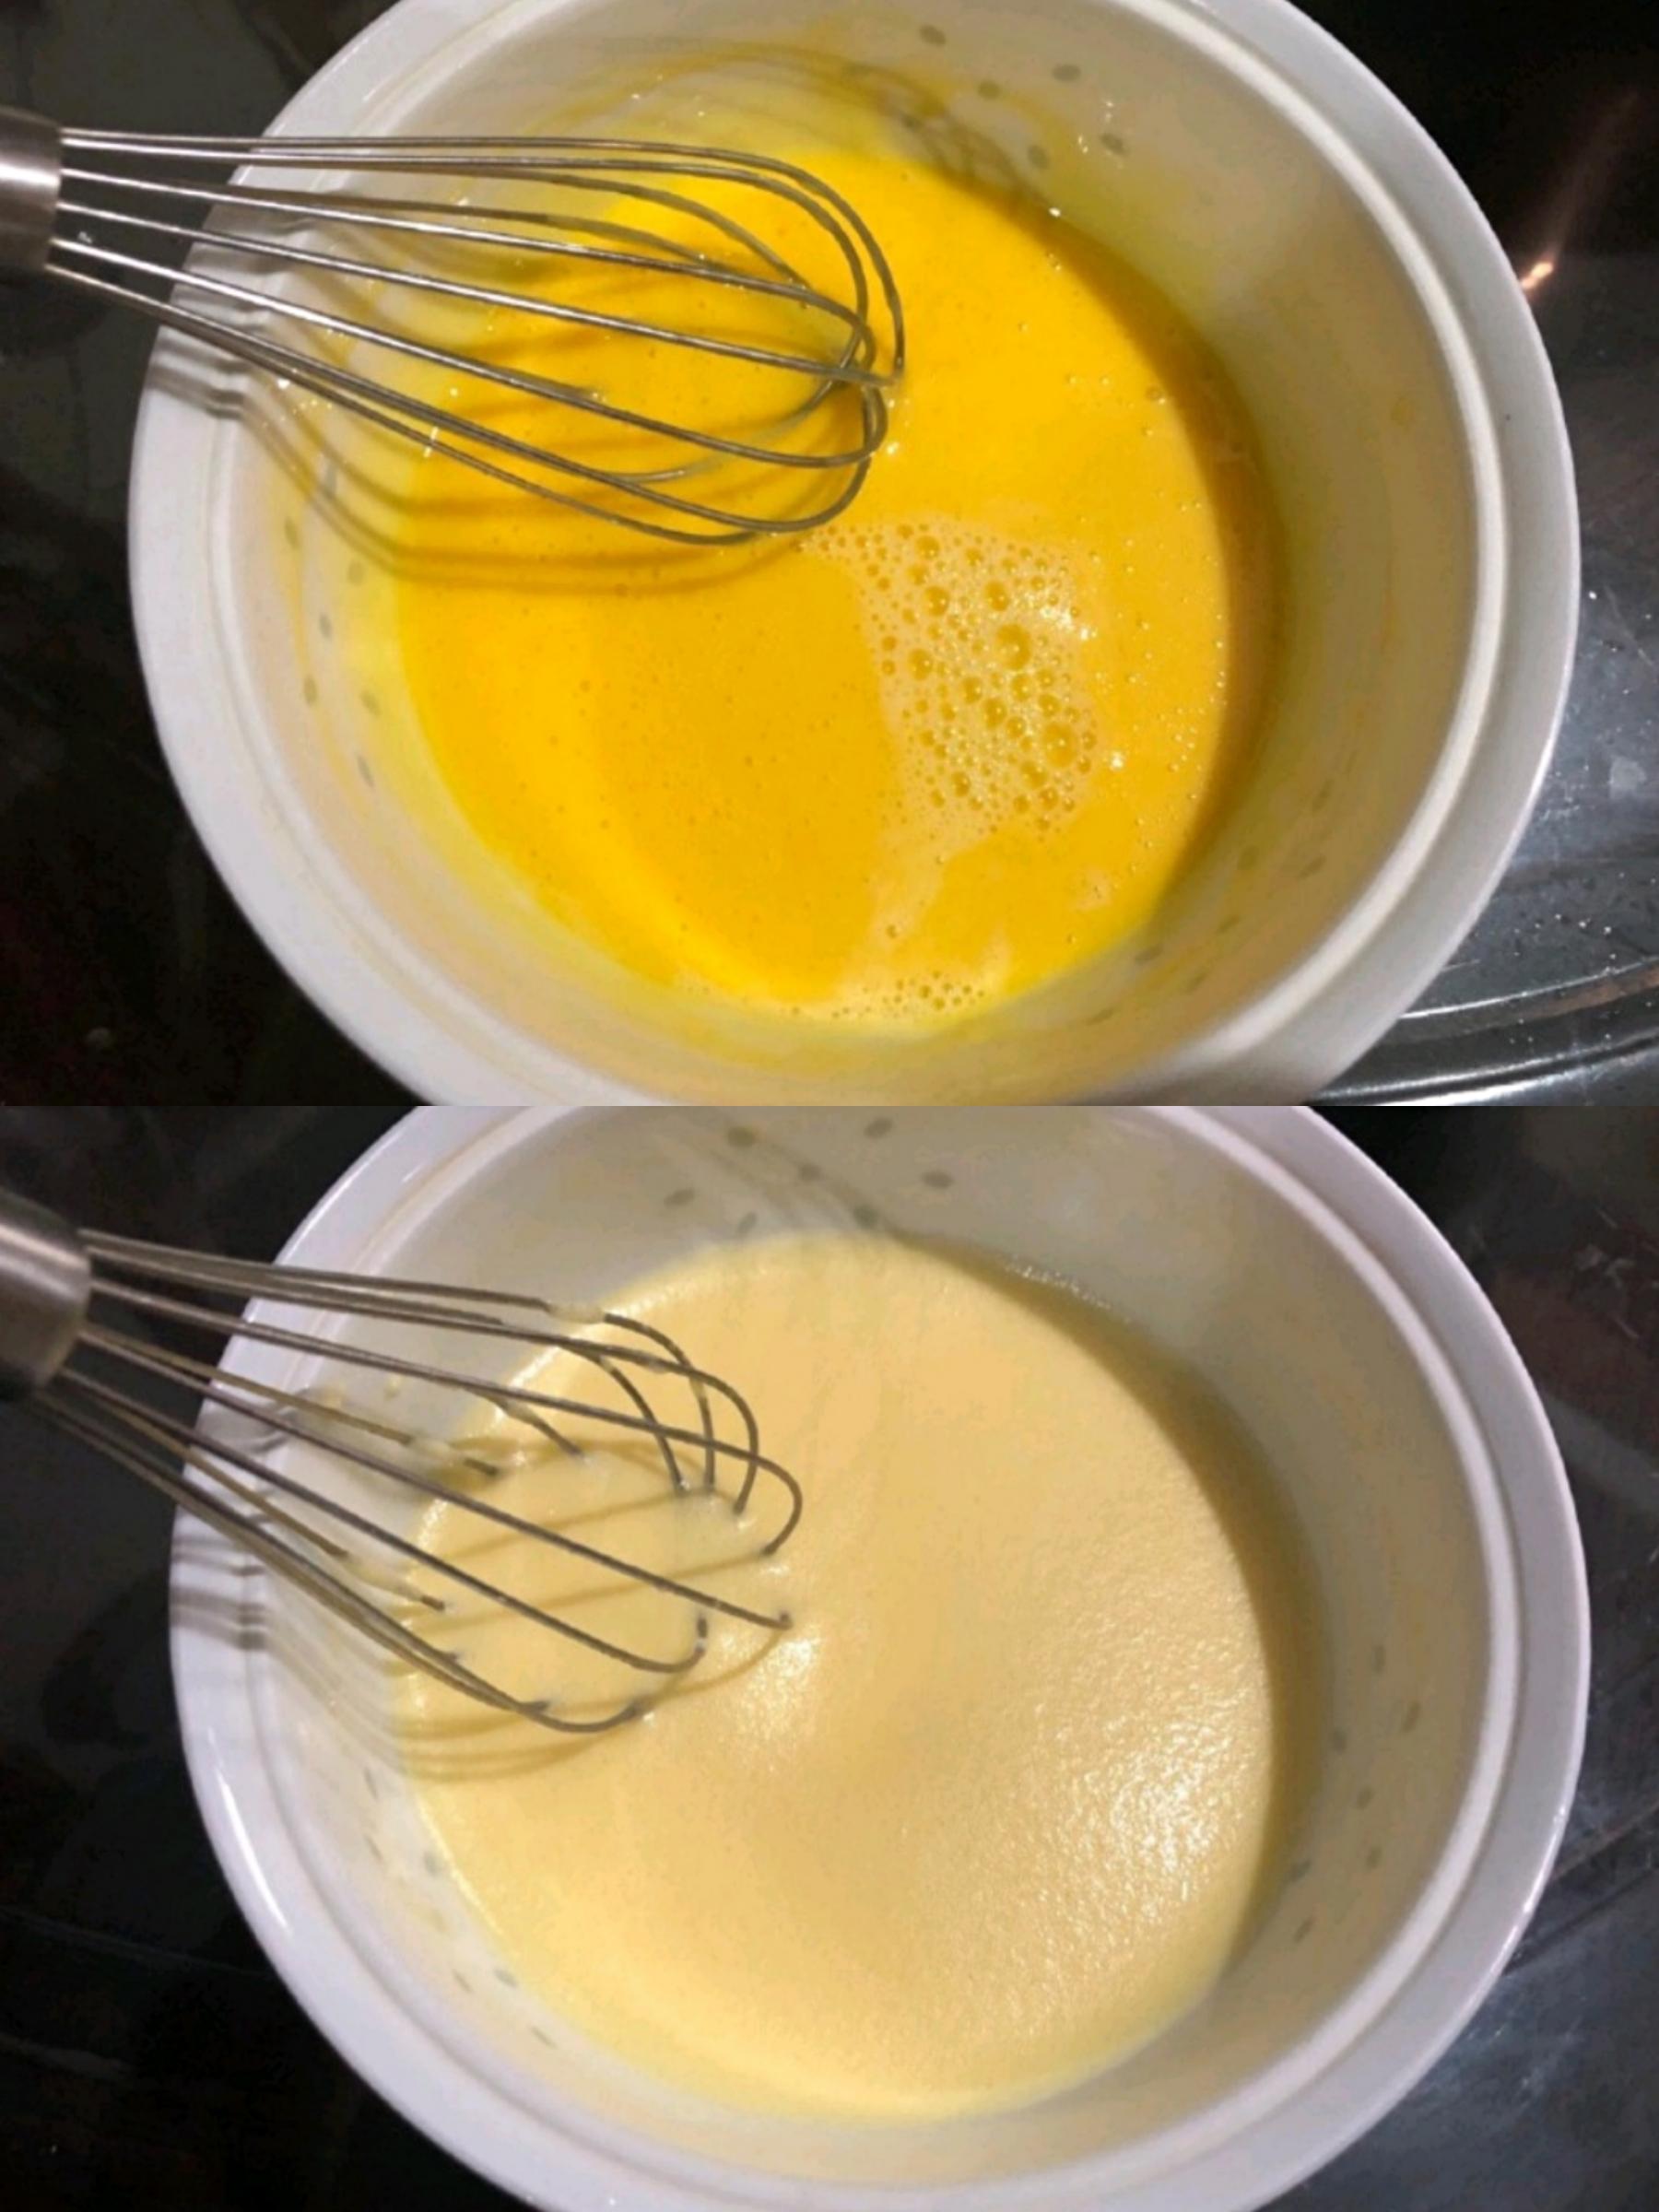 加入牛奶拌匀